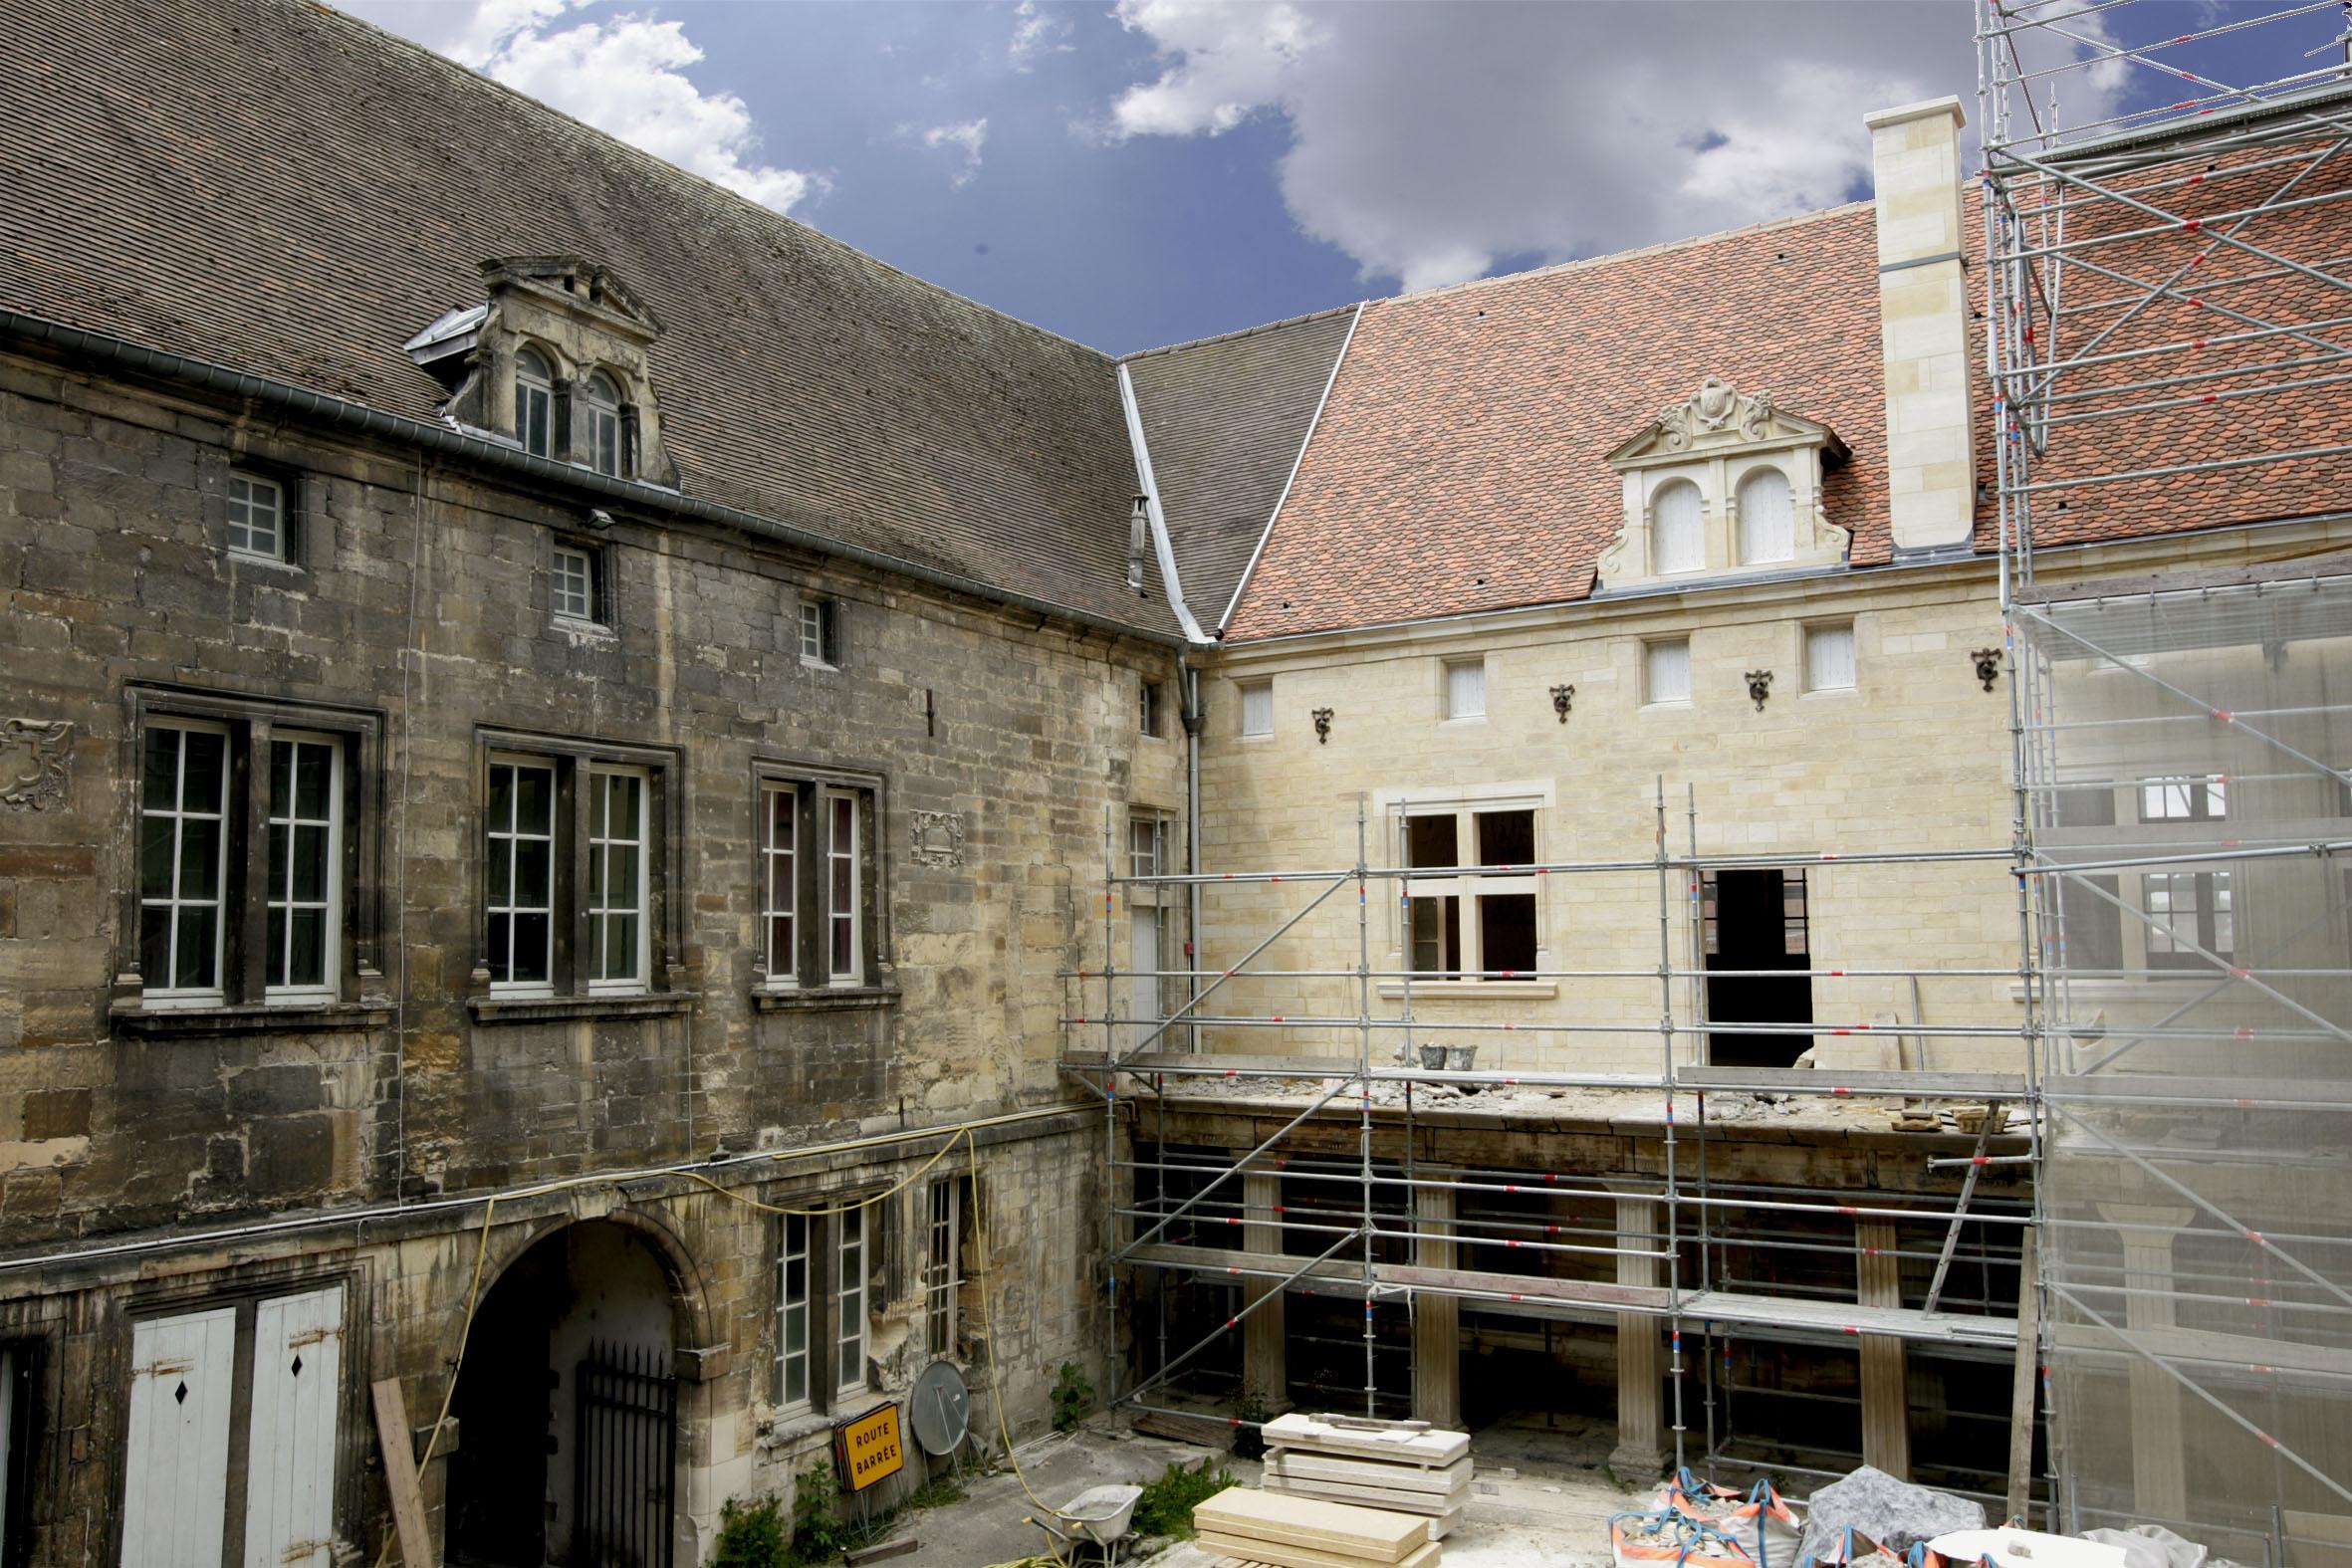 Agence Caillault ACMH – Collège Gilles de Trêves – Bar-le-Duc – Aile intérieure ouest avant restauration et aile intérieure nord en cours de restauration